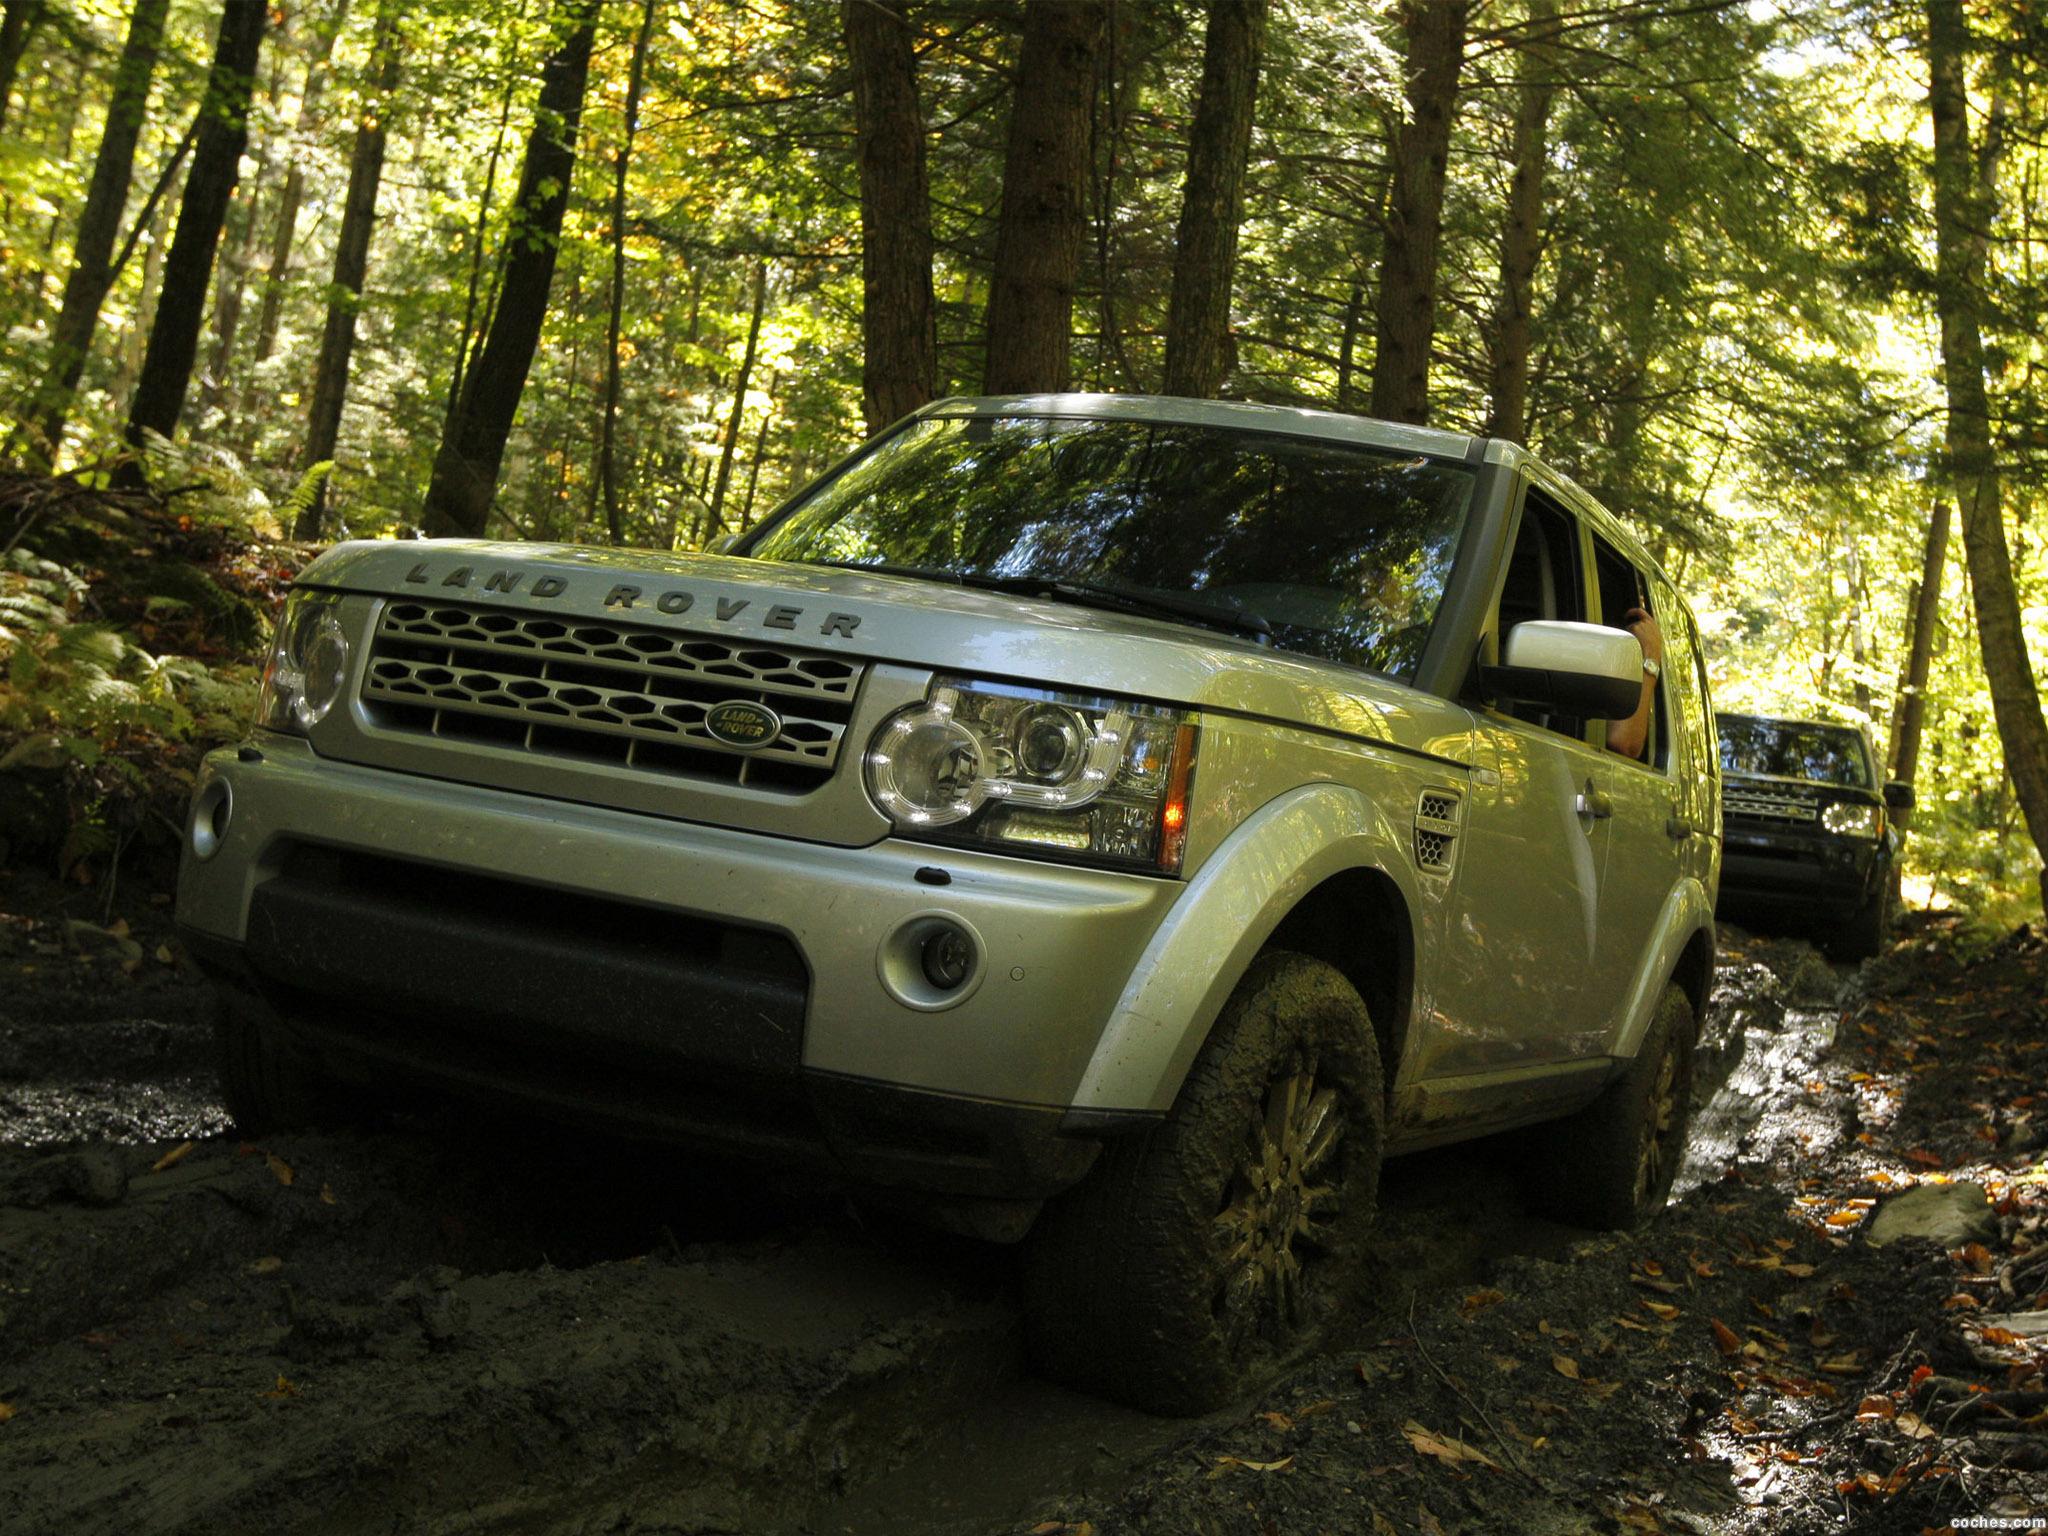 Foto 20 de Land Rover Discovery LR4 2009